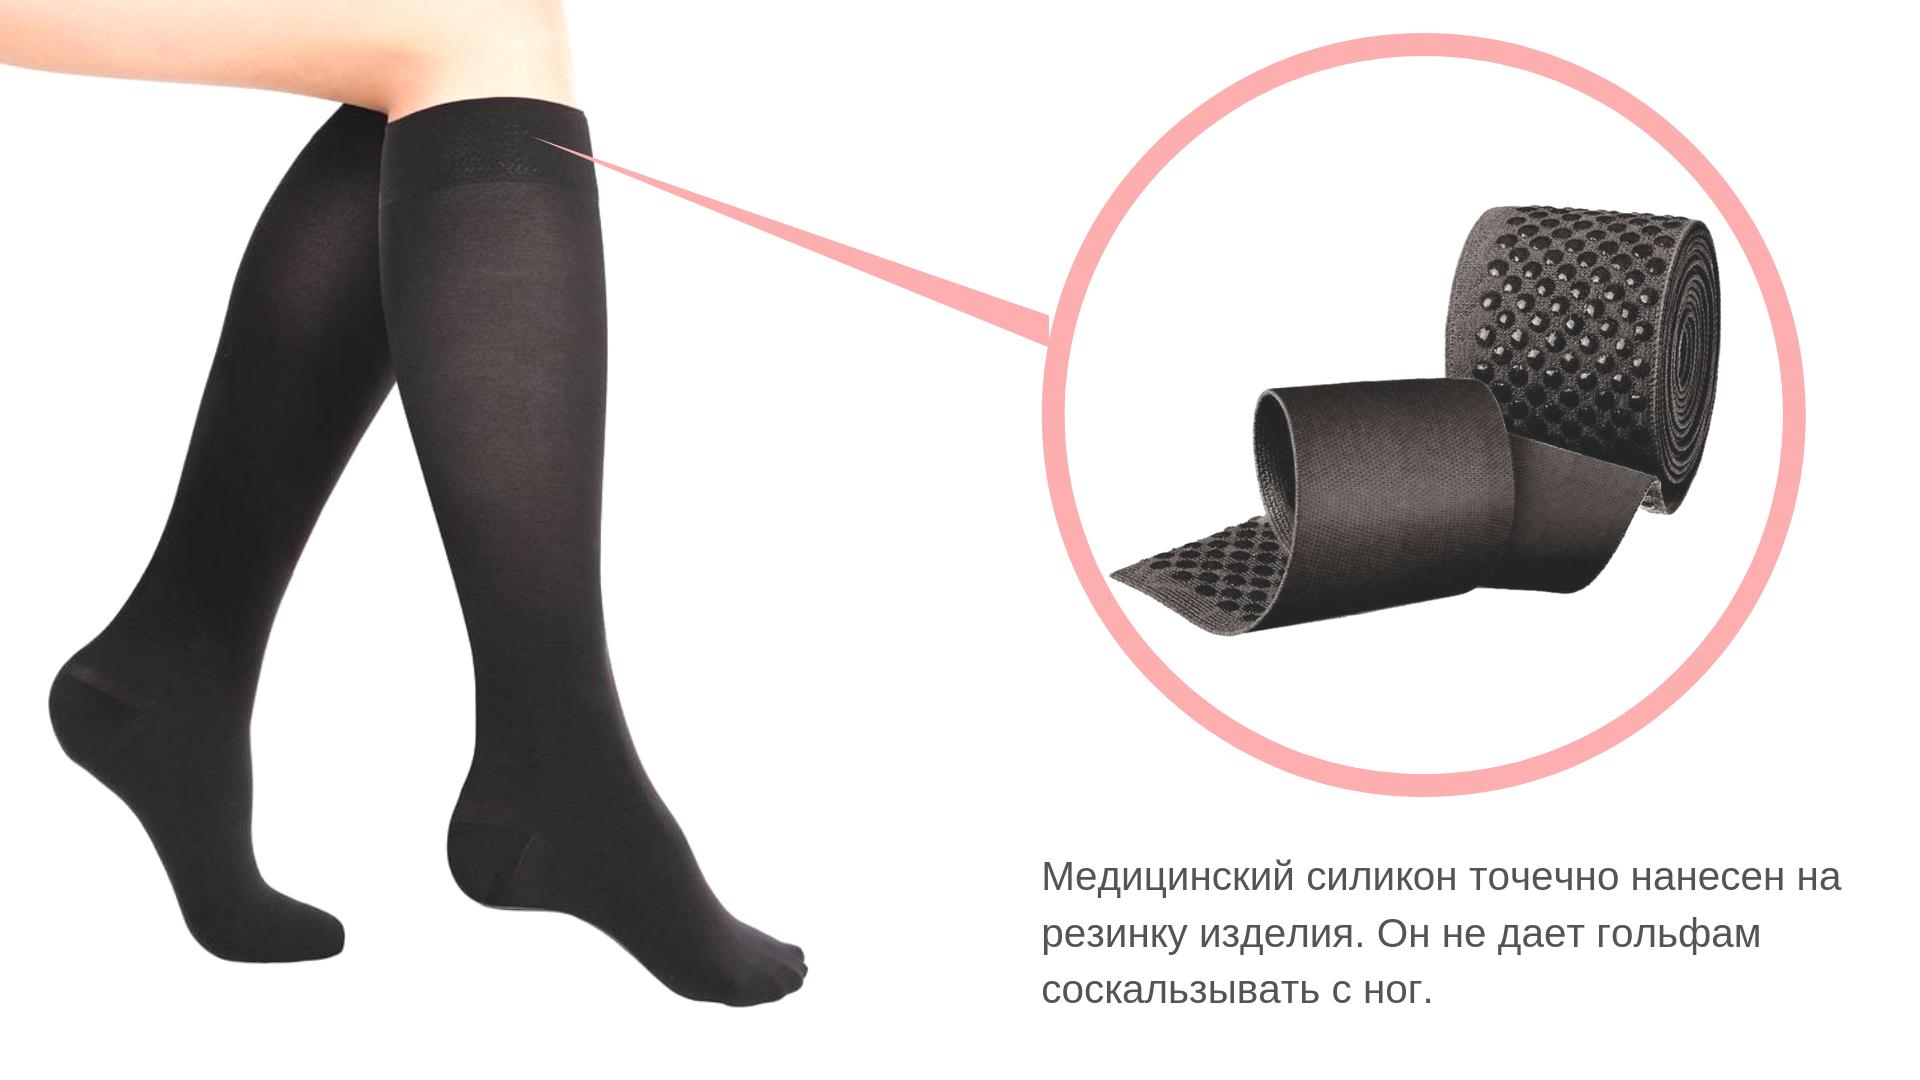 Компрессионные гольфы с нескользящей резинкой (подходят для мужчин и женщин) 2 класс, черный цвет